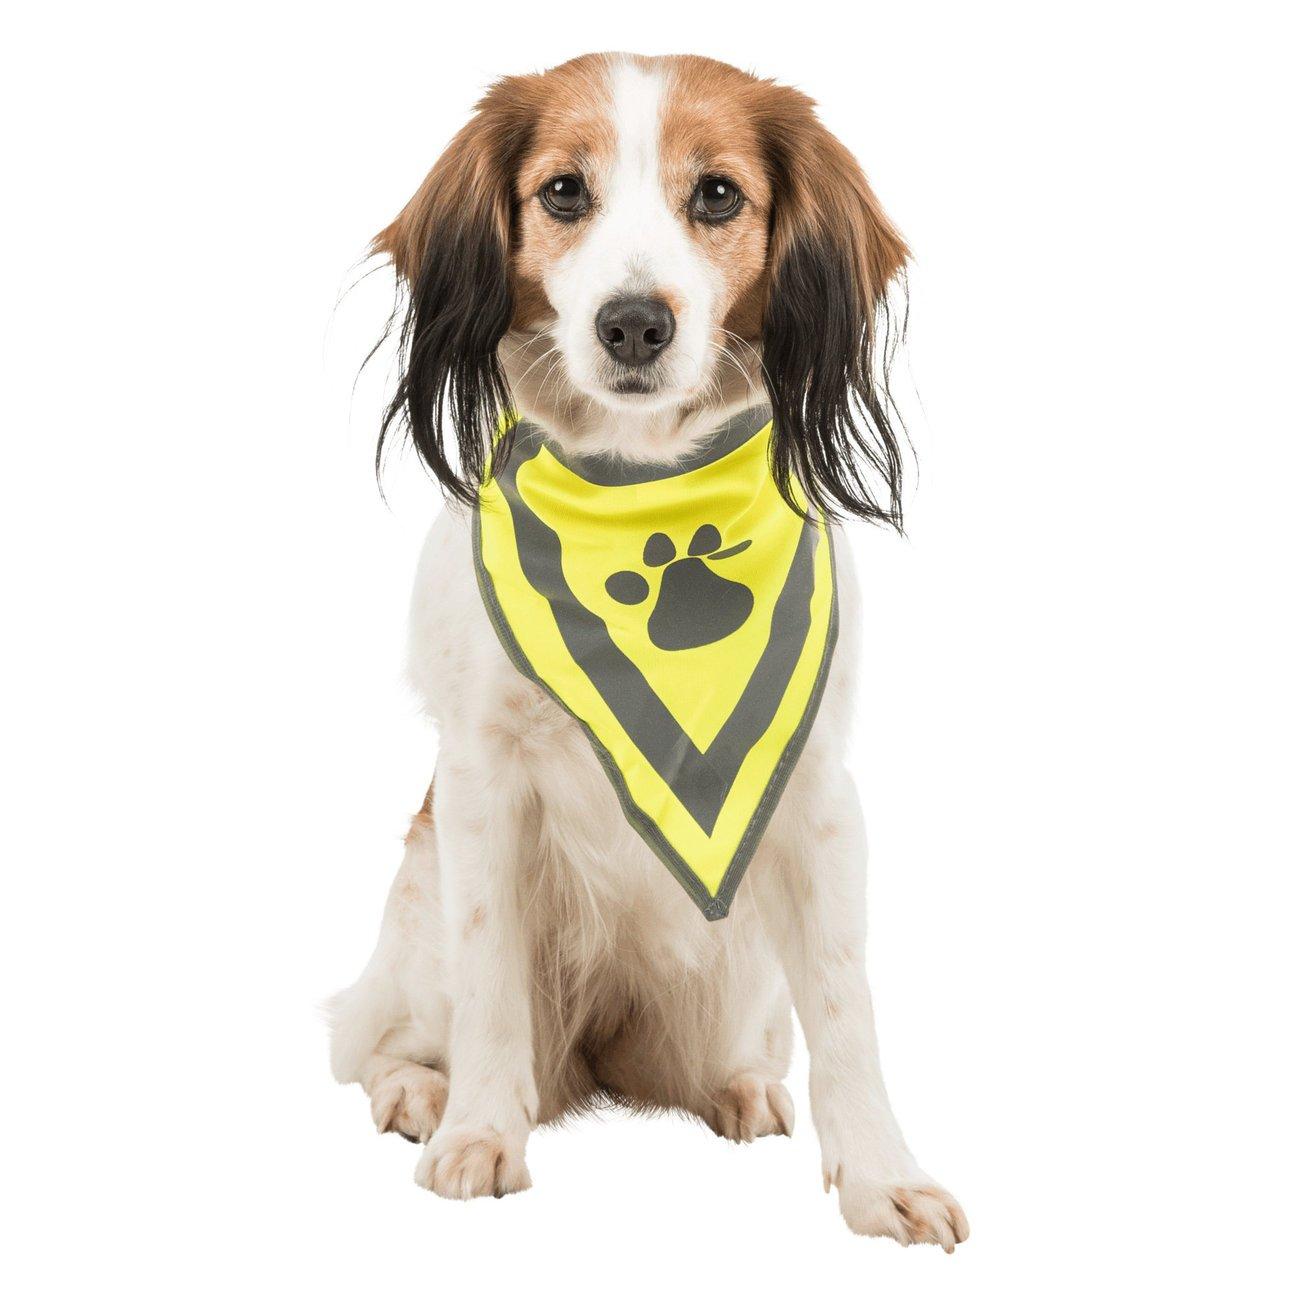 TRIXIE Sicherheits-Halstuch für Hunde 30121, Bild 5